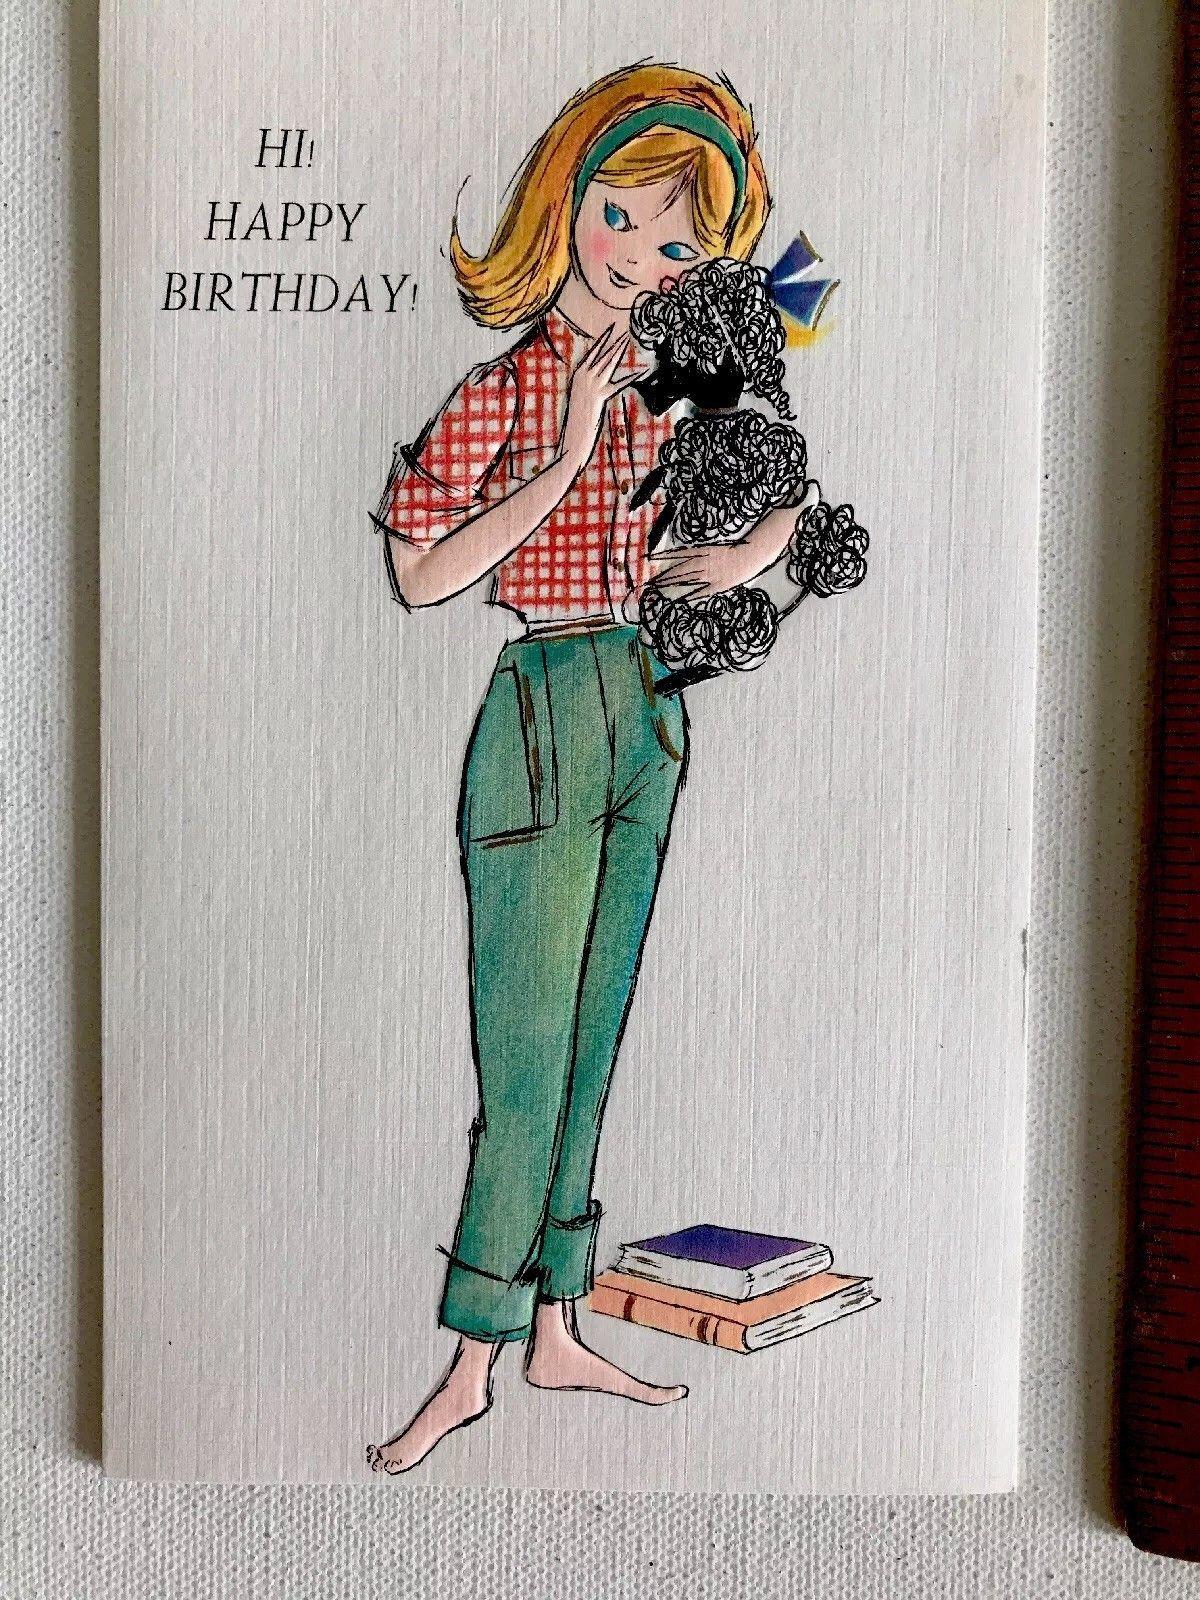 Vintage Unused Greeting Card Assortment Anniversary Birthday Etc